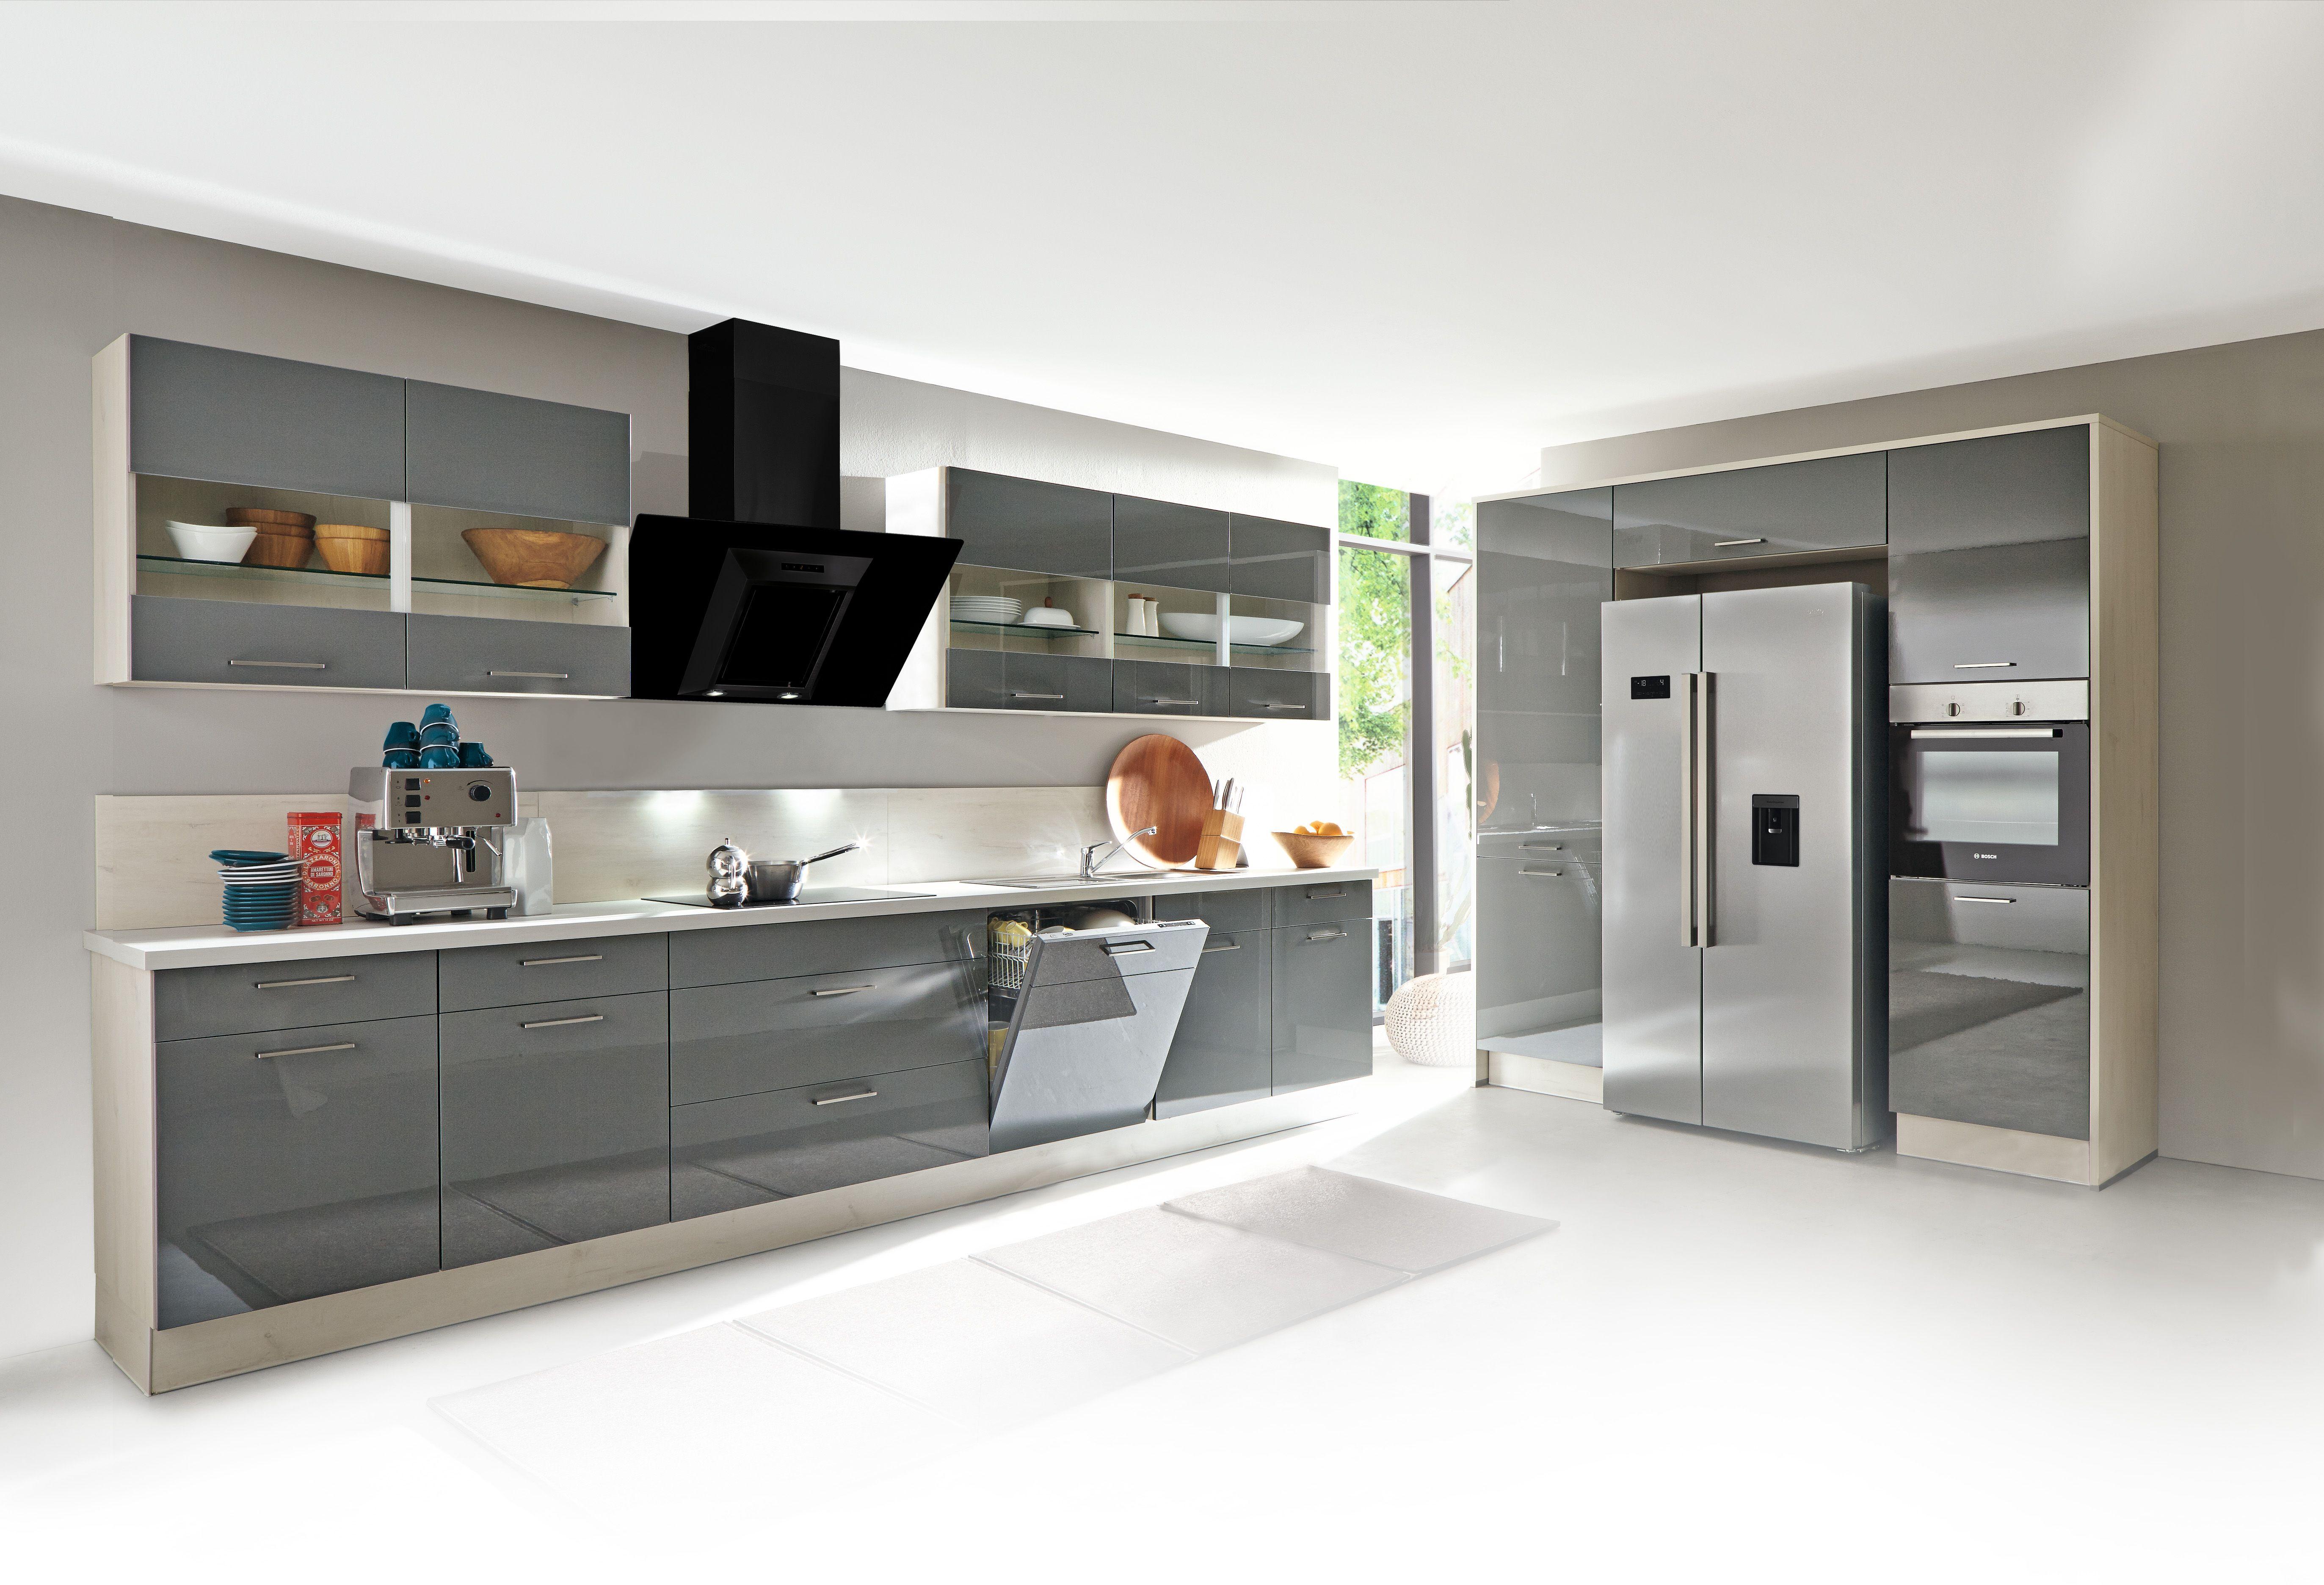 Amerikanischer Kühlschrank Freistehend : Amerikanischer kühlschrank einbauen side by side kühlschrank test